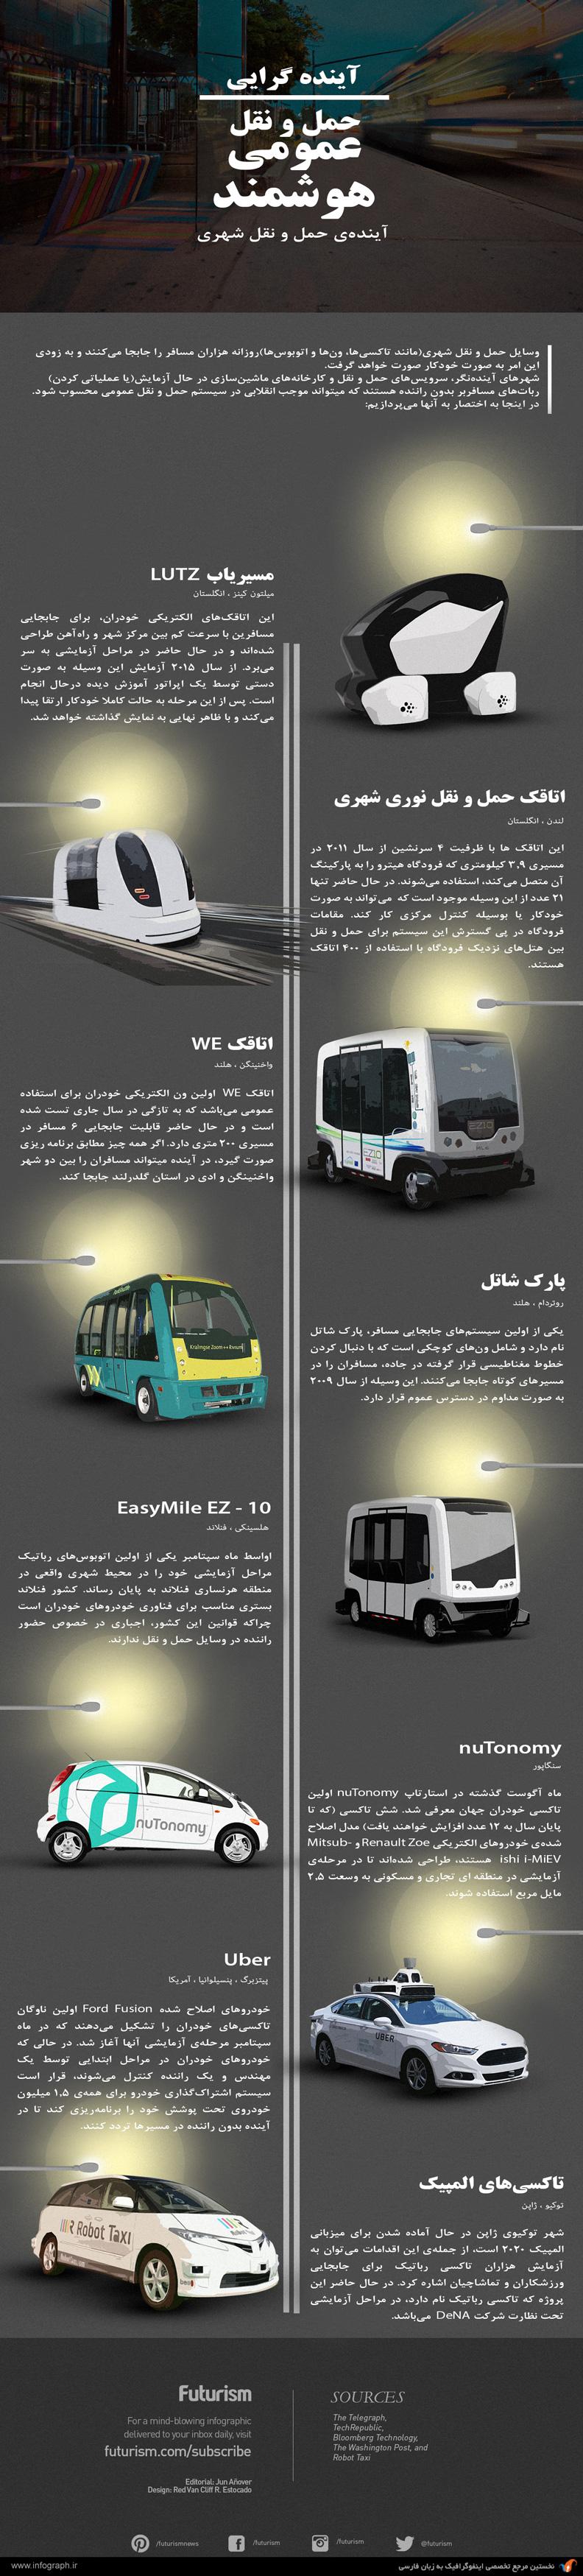 اینفوگرافیک حمل و نقل عمومی هوشمند